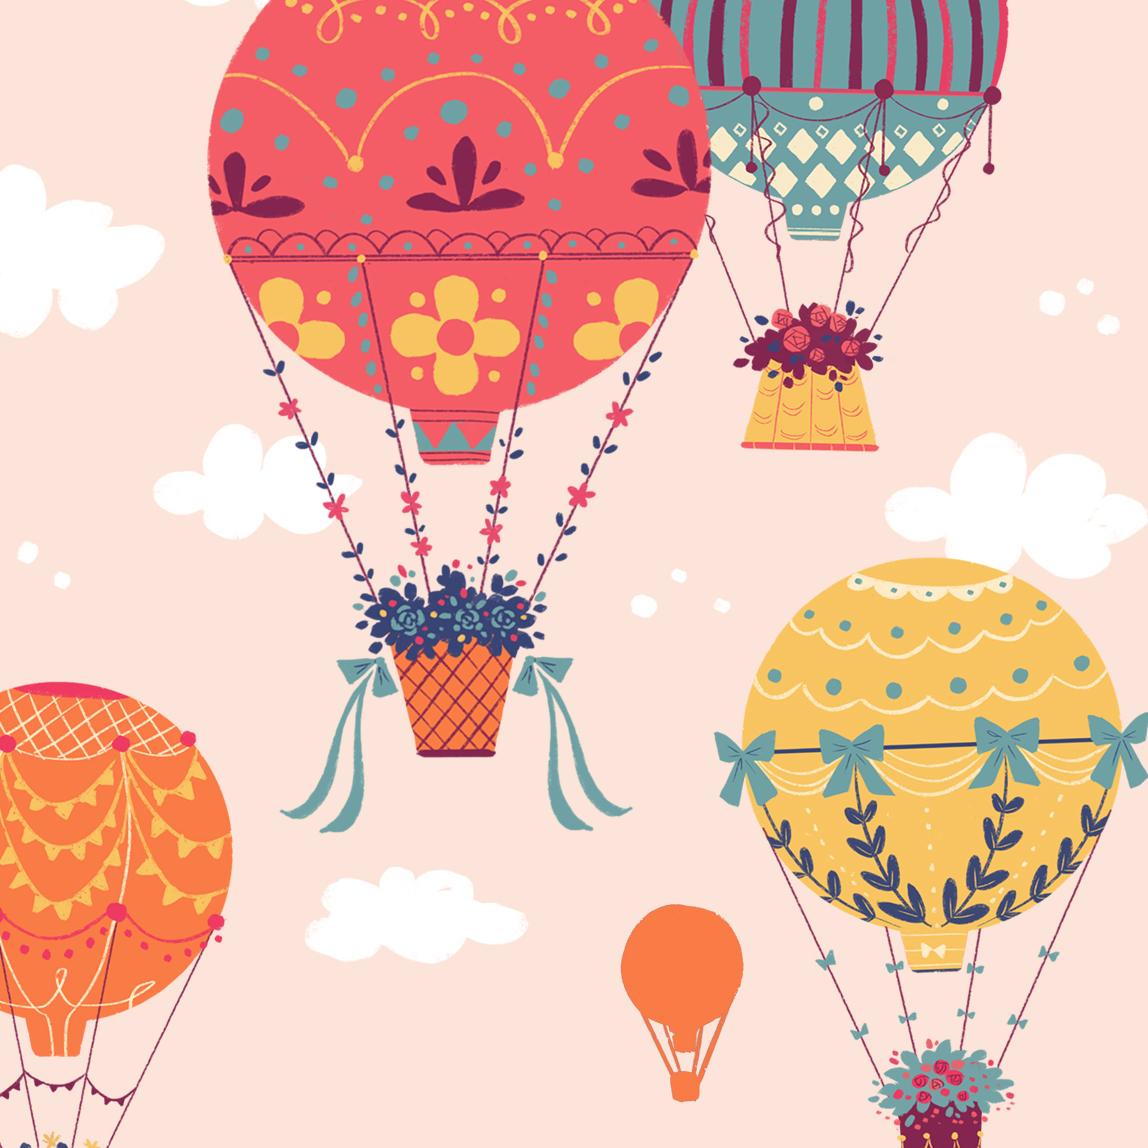 Dream of Hot Air Balloon